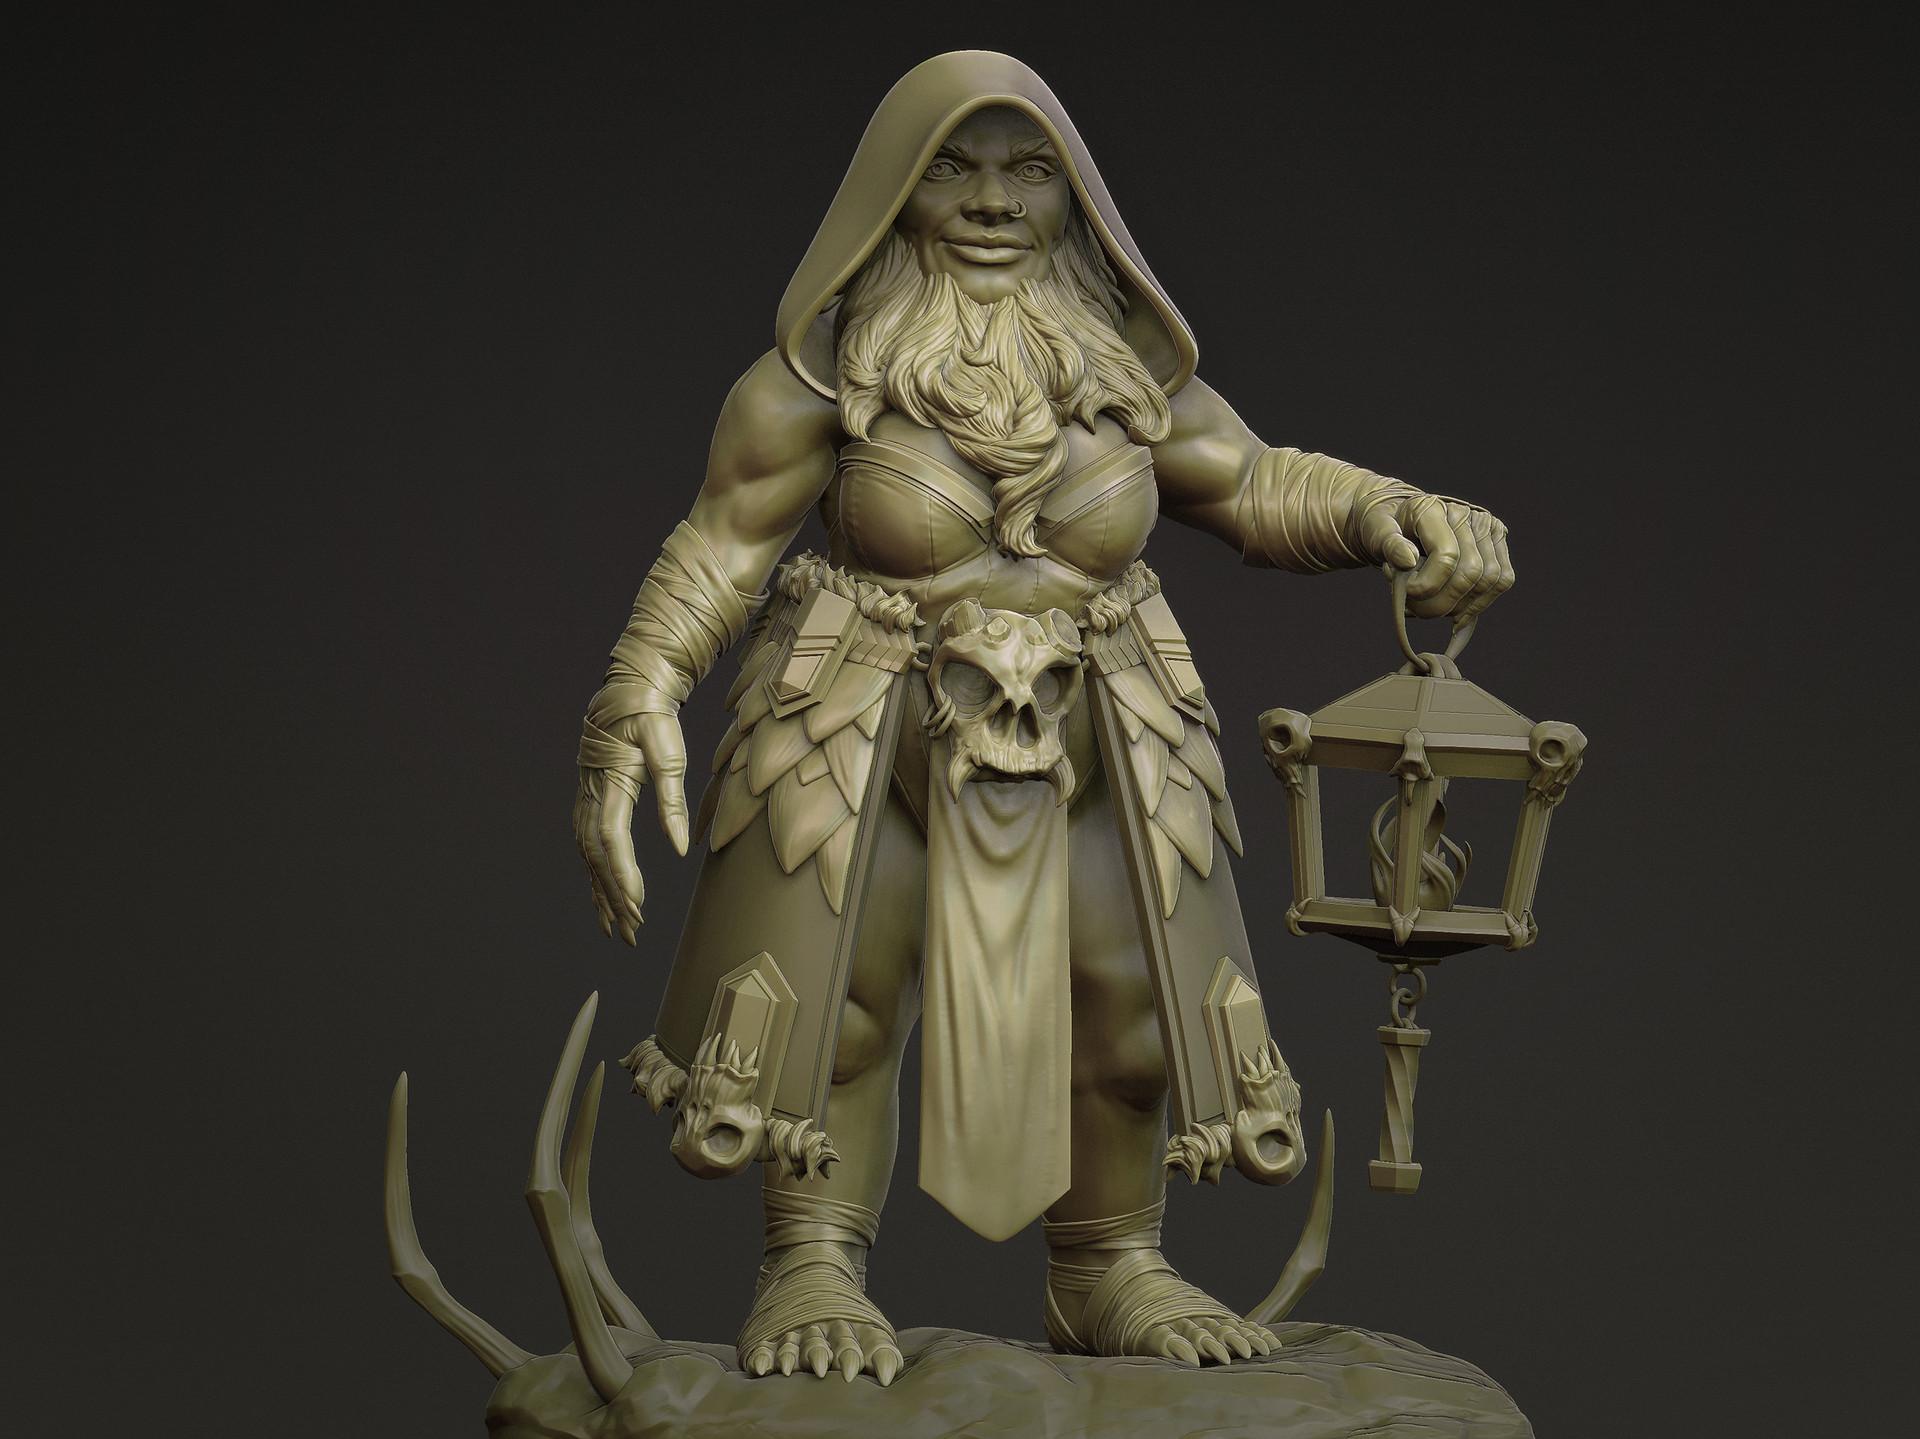 Rikke jansen dwarf sculpt fin2